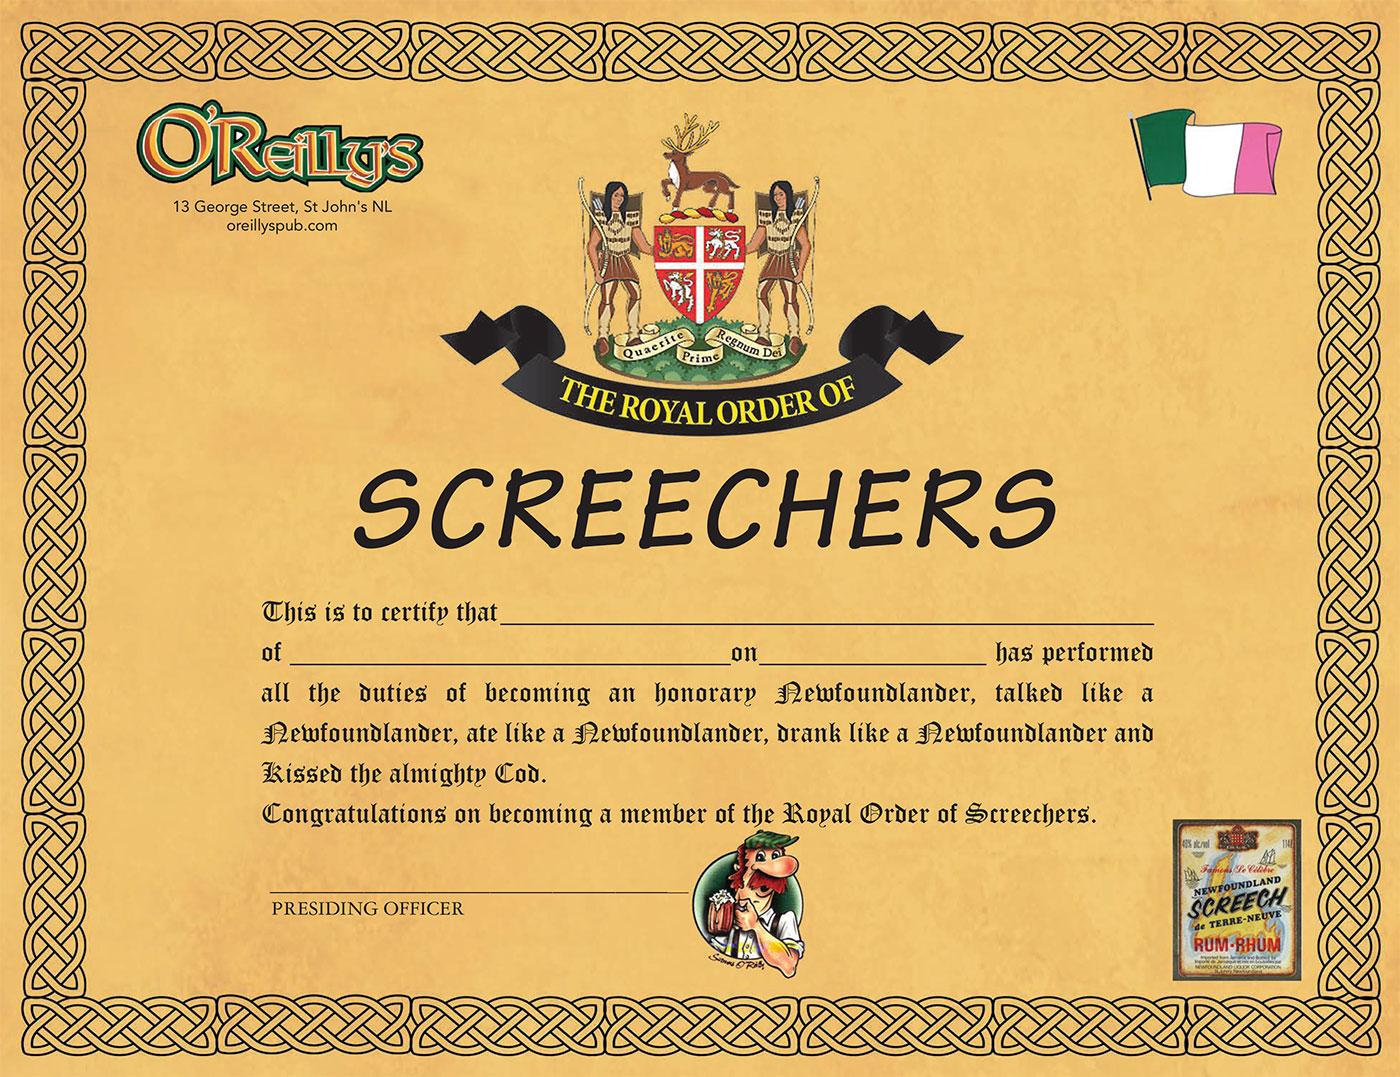 screech-in-certificate.jpg